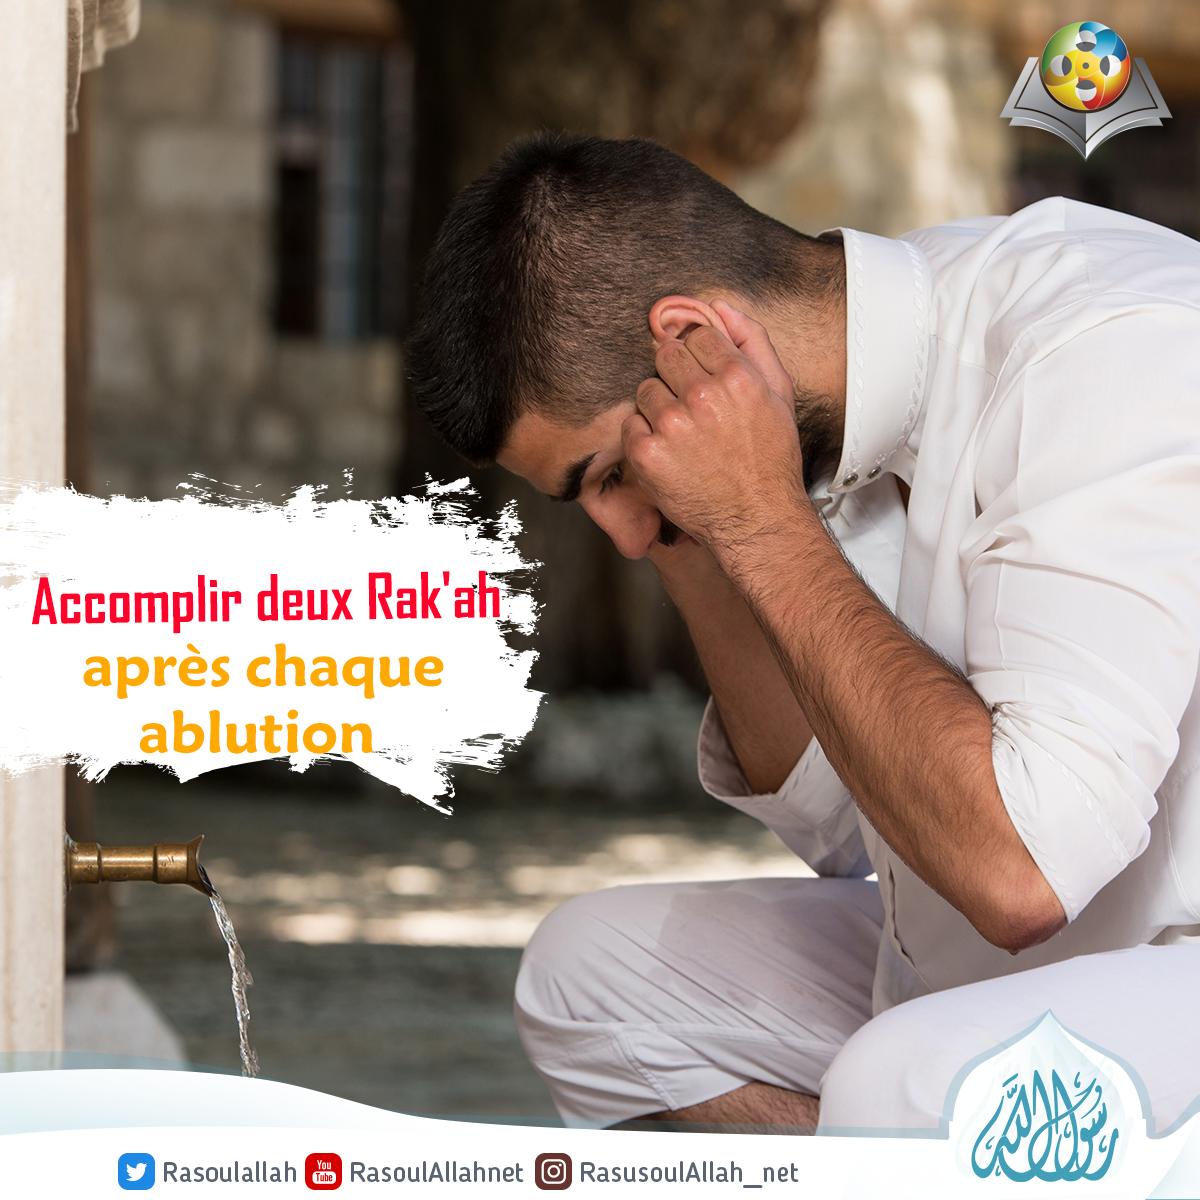 Accomplir deux Rak'ah après chaque ablution.